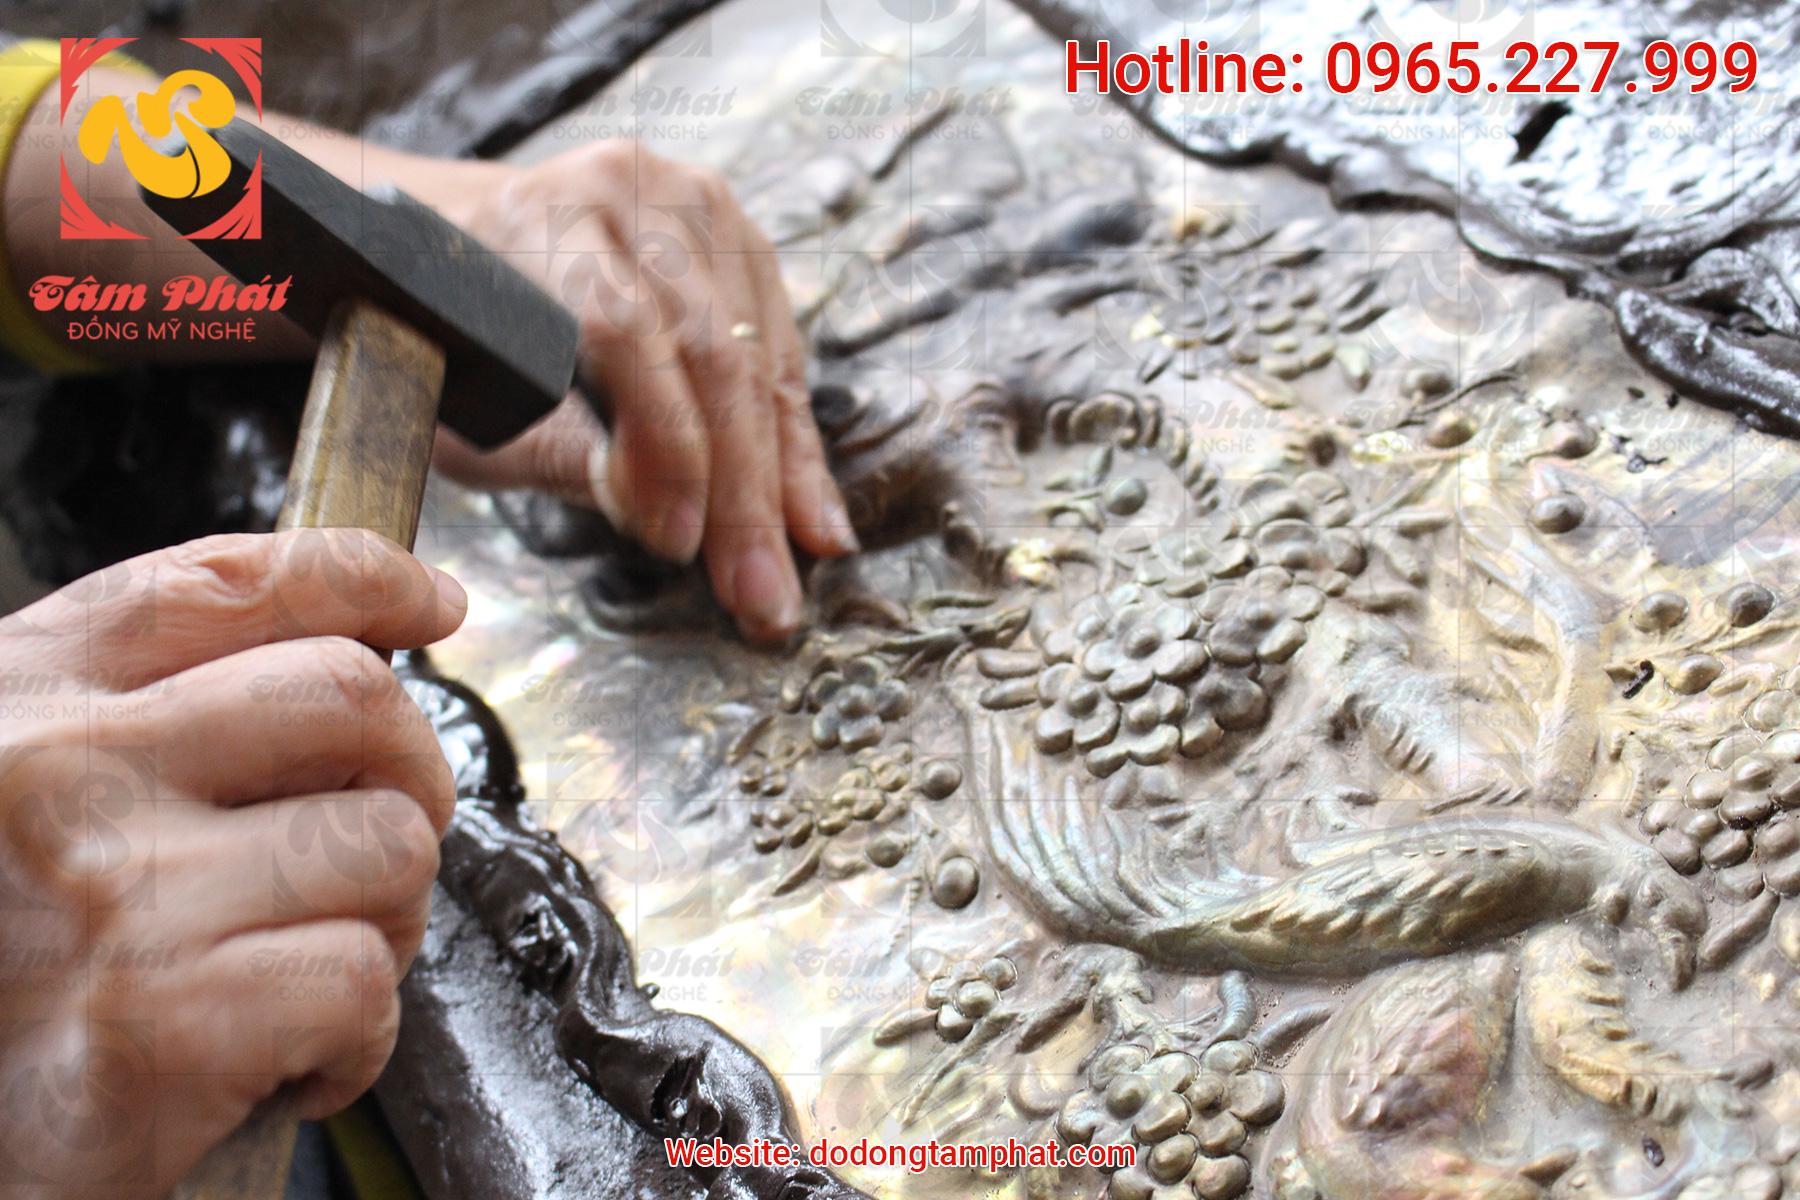 Tranh đồng – sản phẩm từ bàn tay những nghệ nhân Tâm Phát làng nghề Ý Yên, Nam Định